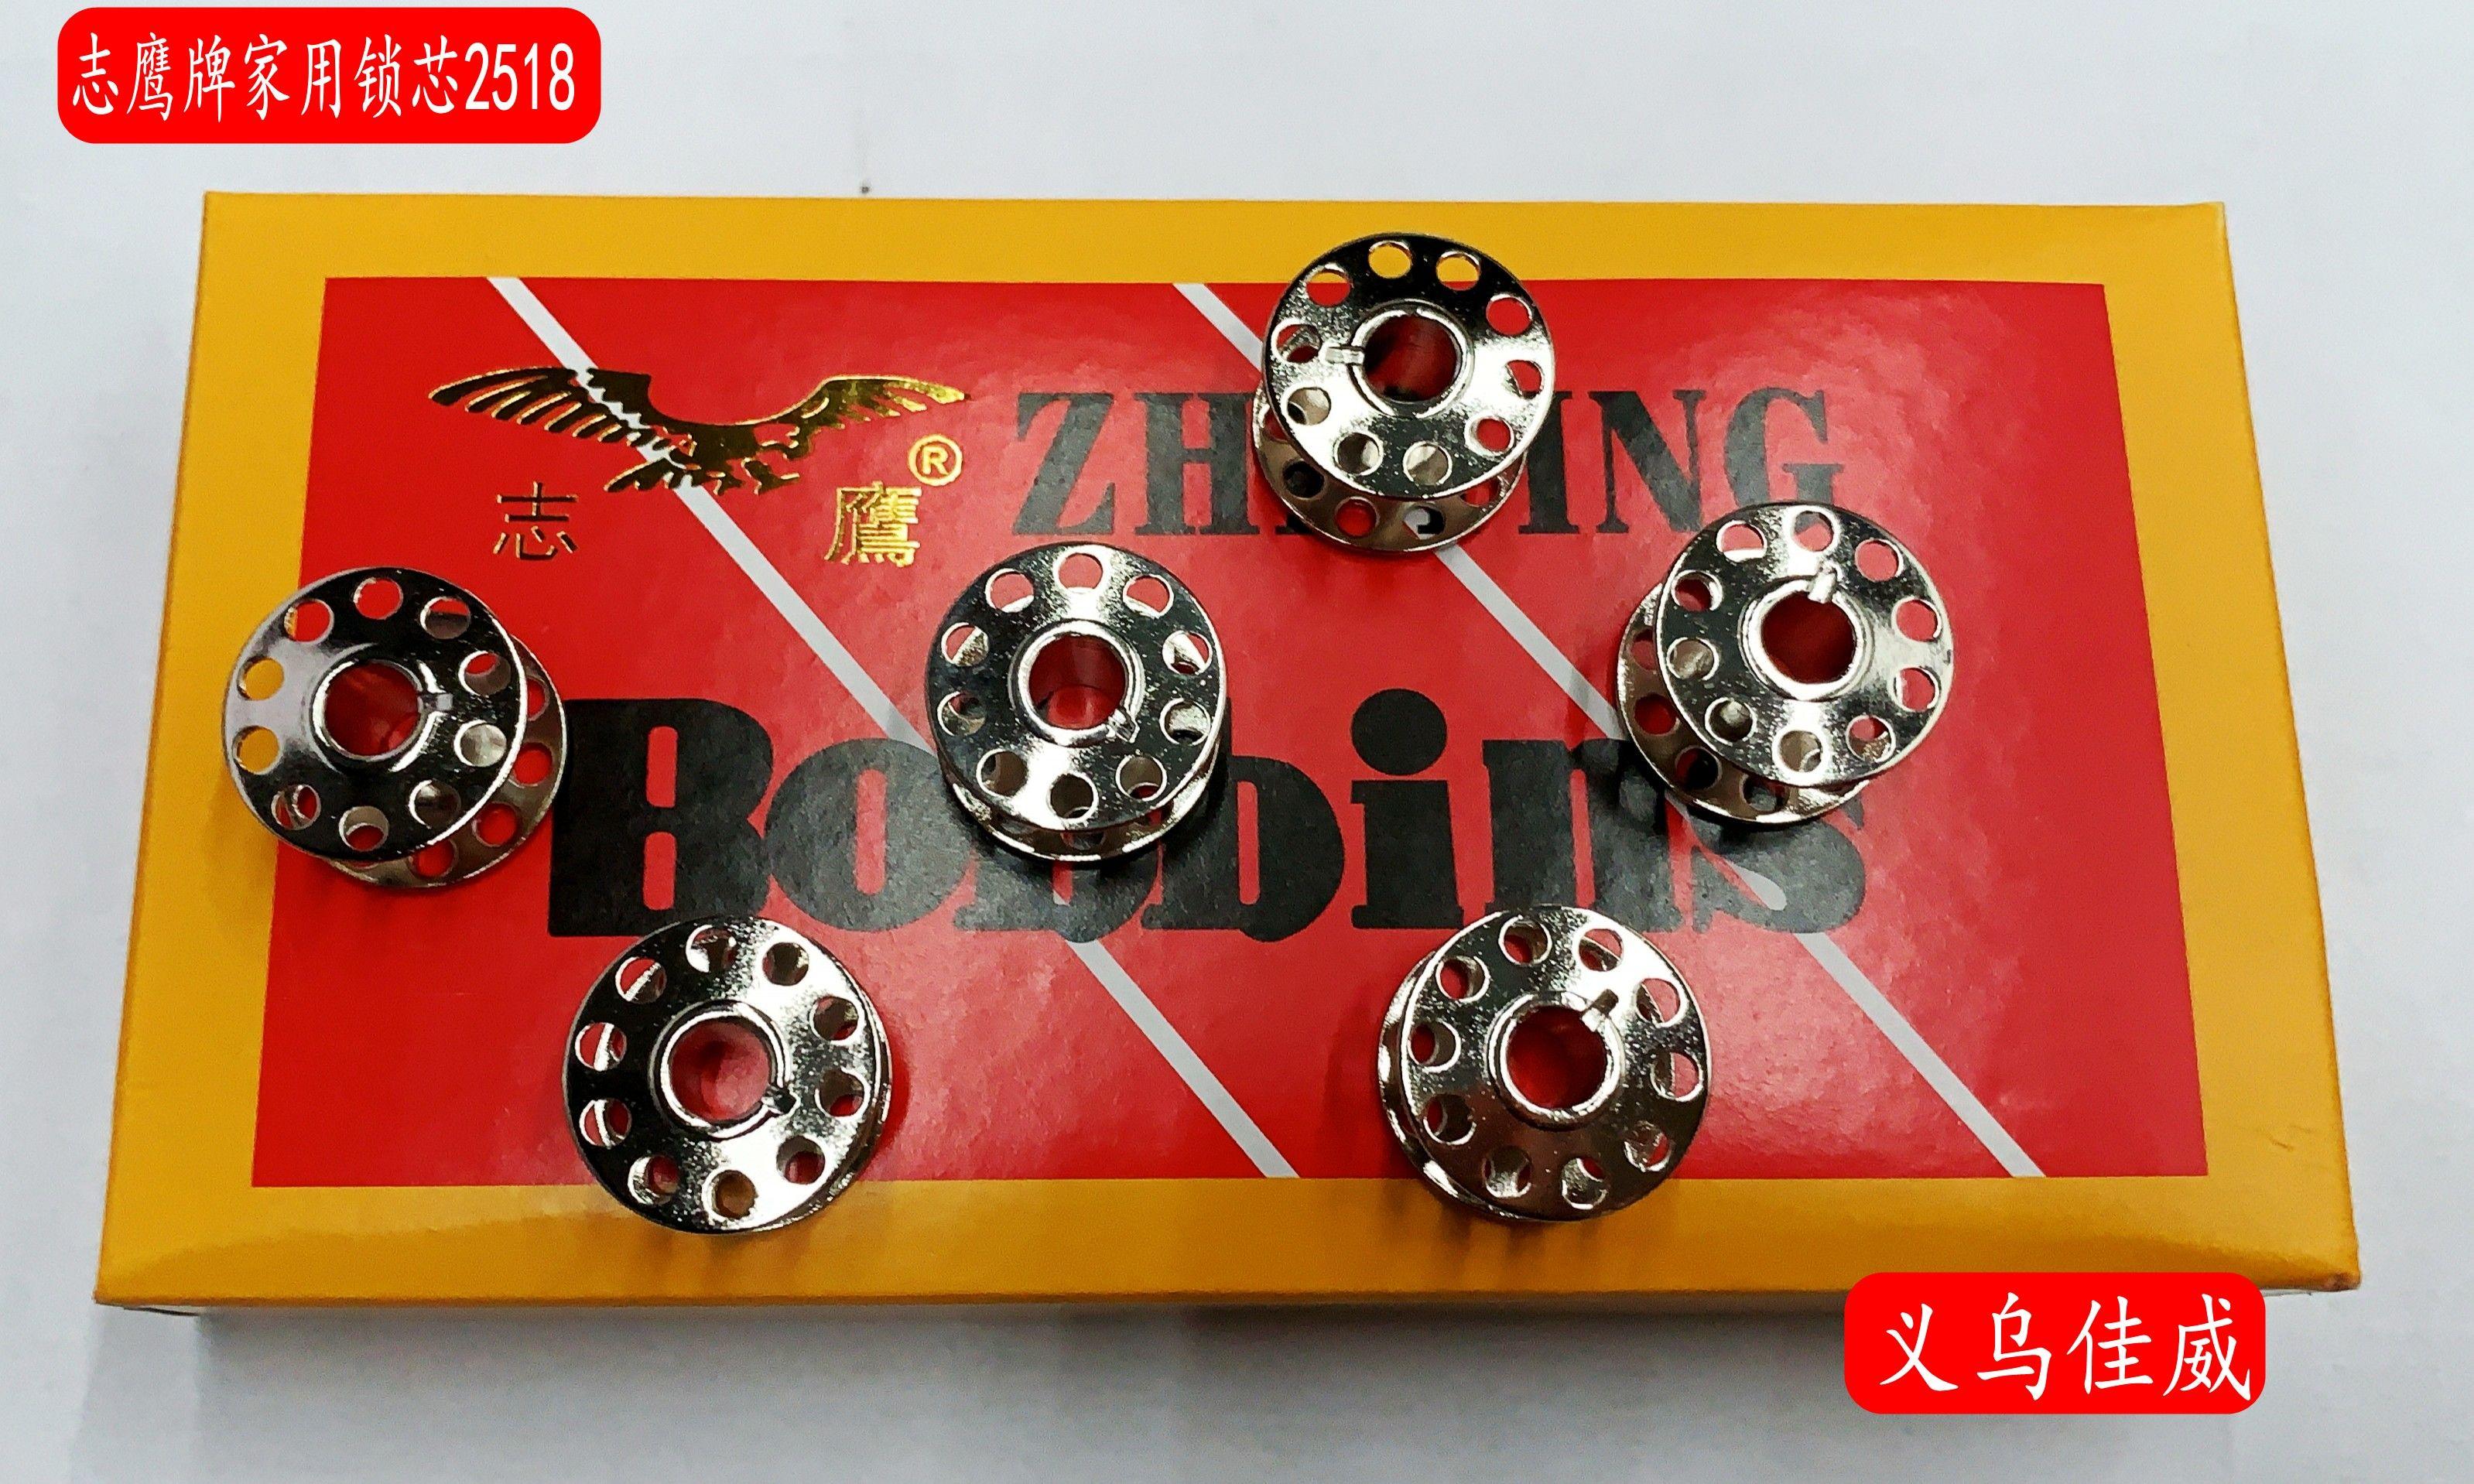 老式家用缝纫机锁芯 志鹰优质带槽梭心2518 家用缝纫机专用2518